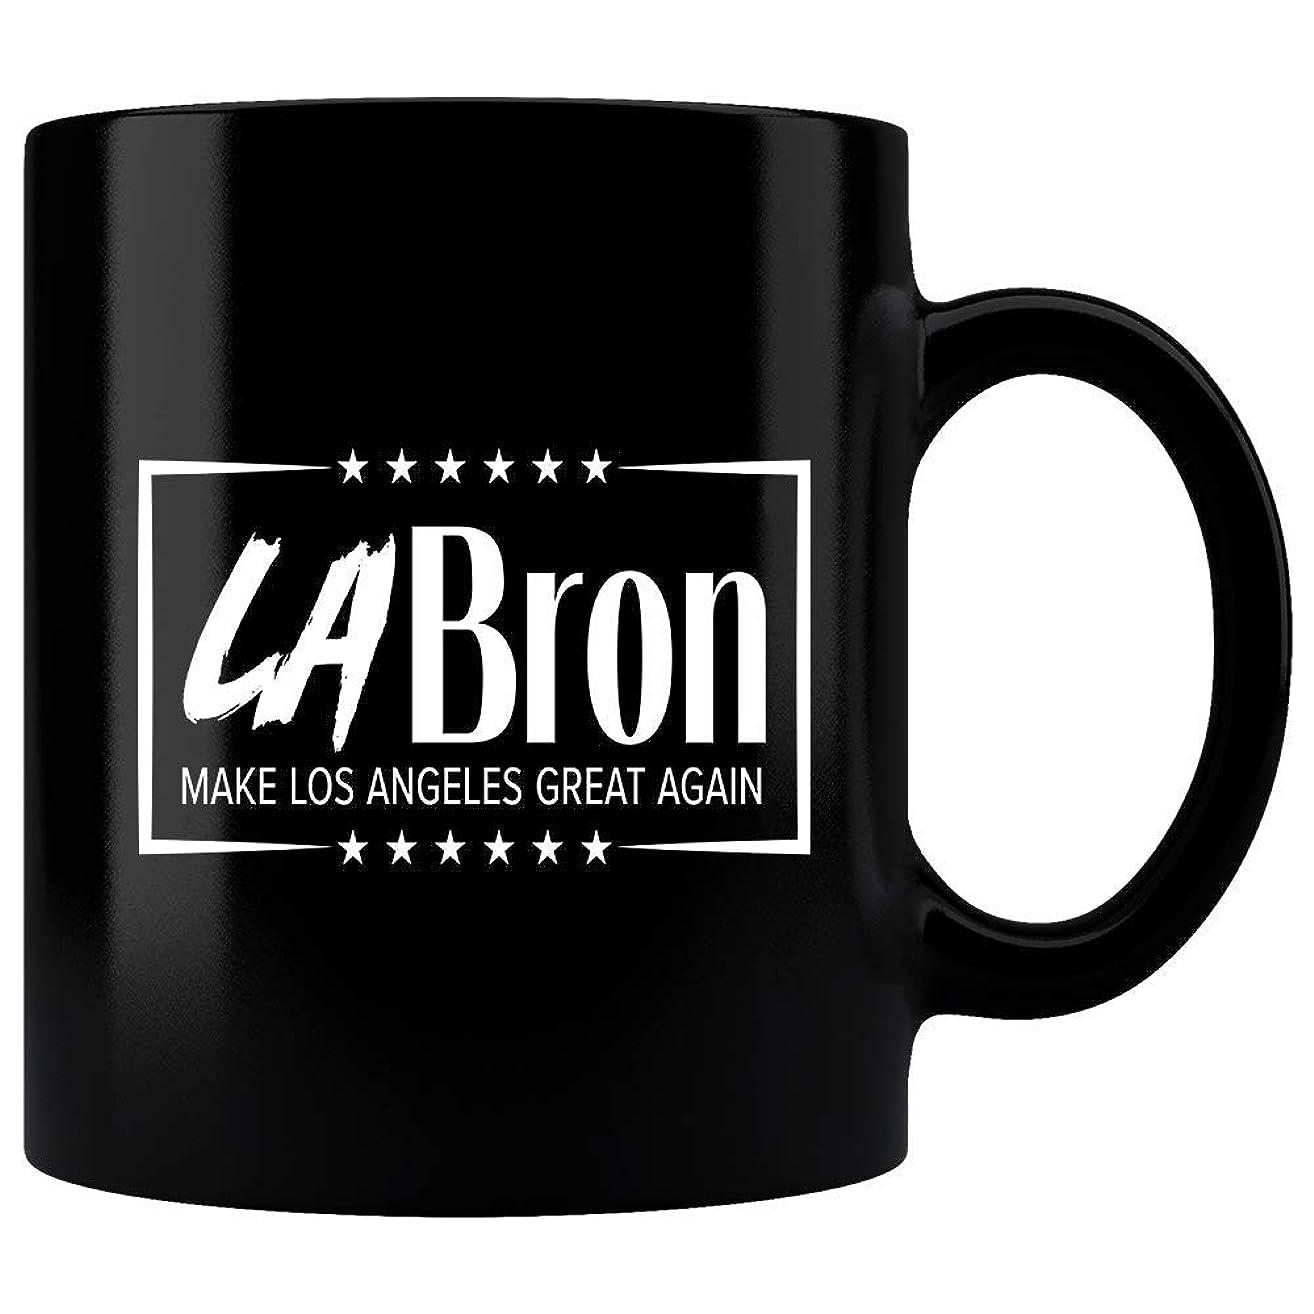 LABron Make Los Angeles Great Again Mug, NBA, LaBron, Labron James, Lakers, basketball mug, mug, basketball gift, cups, basketball, basketball fan gift, nba mug, sports fan, coffee mug